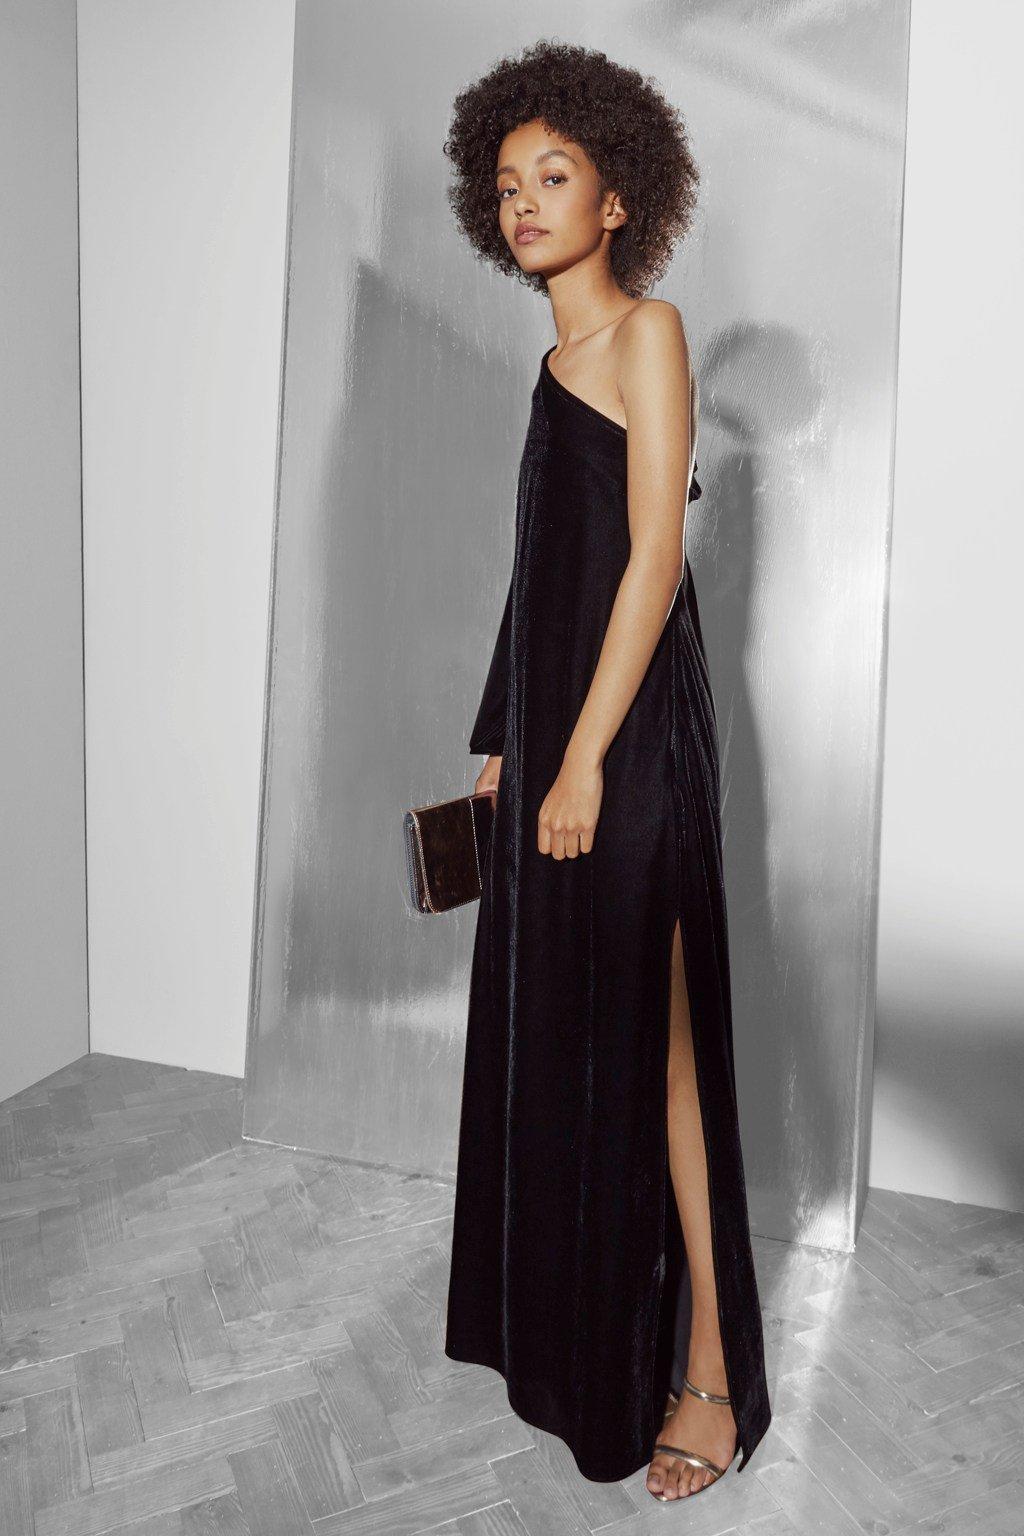 17-11-23-French-Connection-velvet-dress.jpg#asset:594685